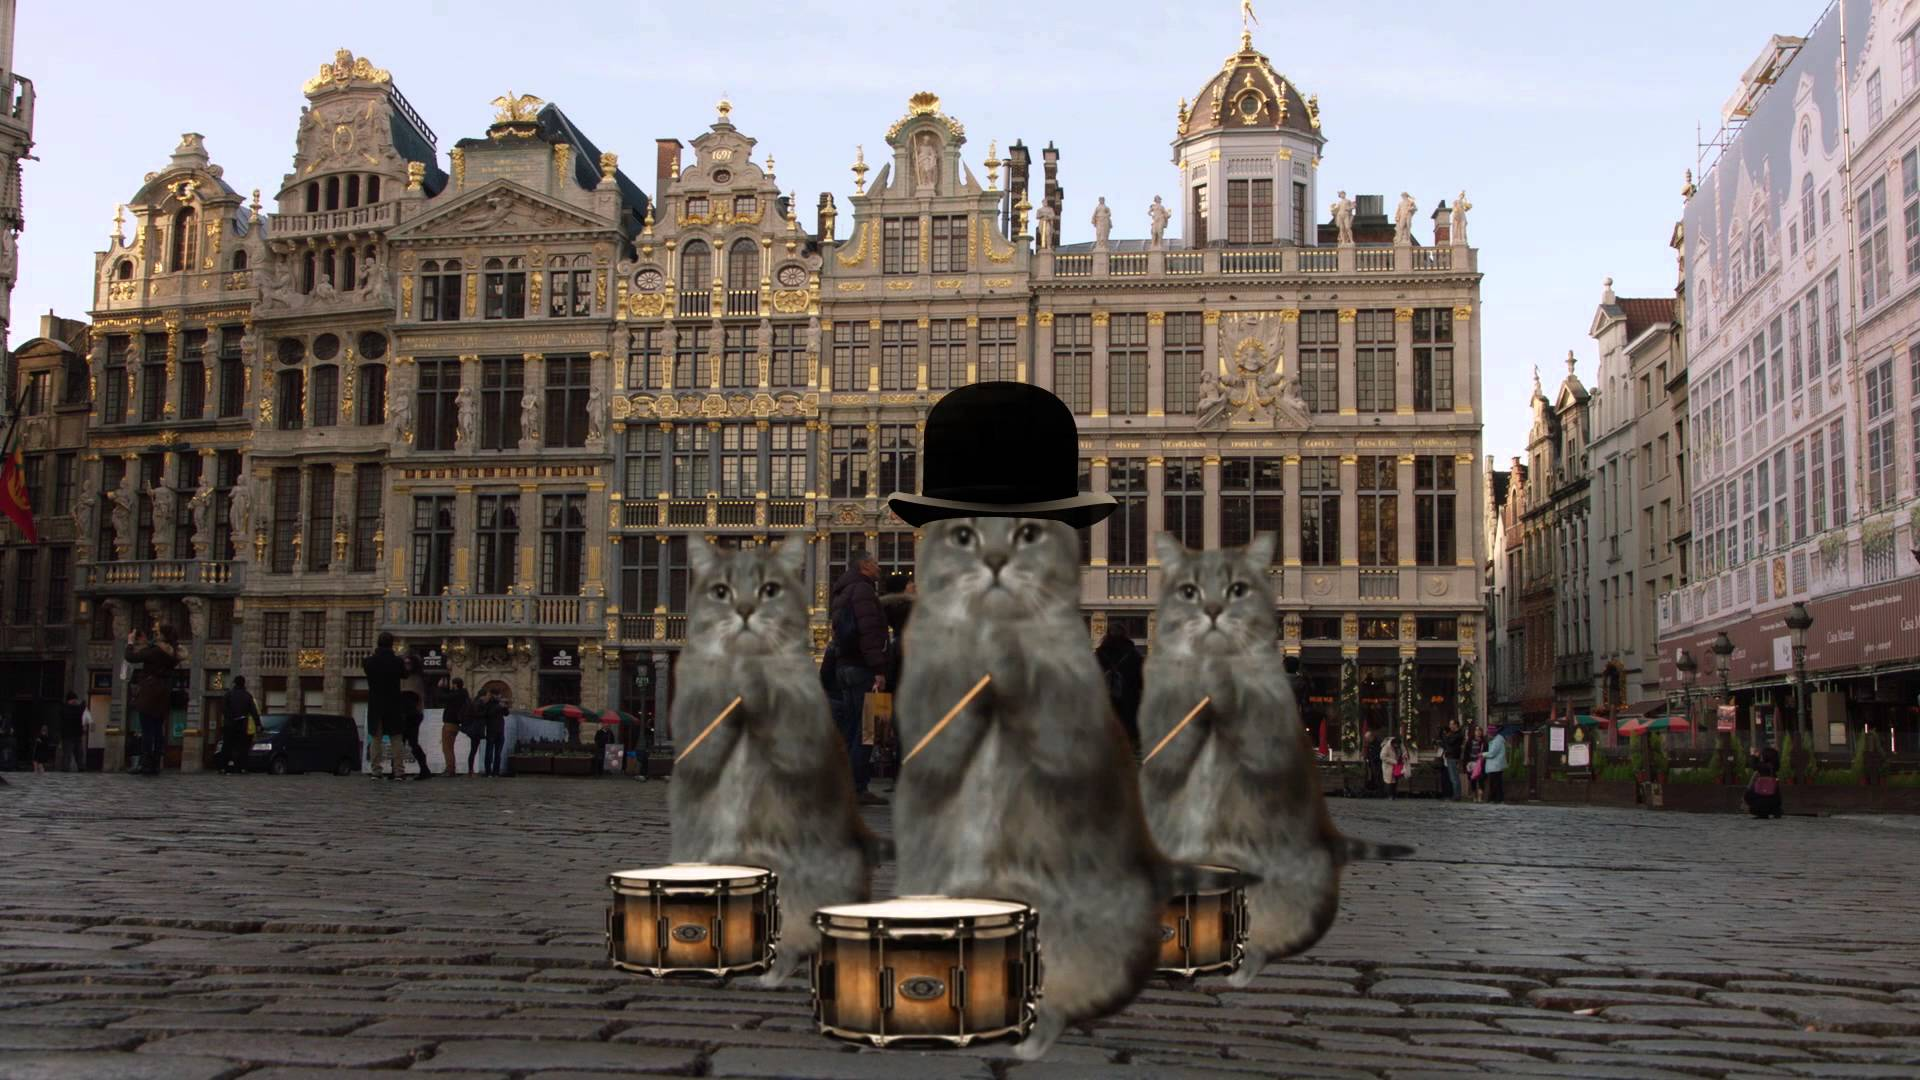 Kako vratiti turiste u Bruxelles? Mačjim videom, naravno!